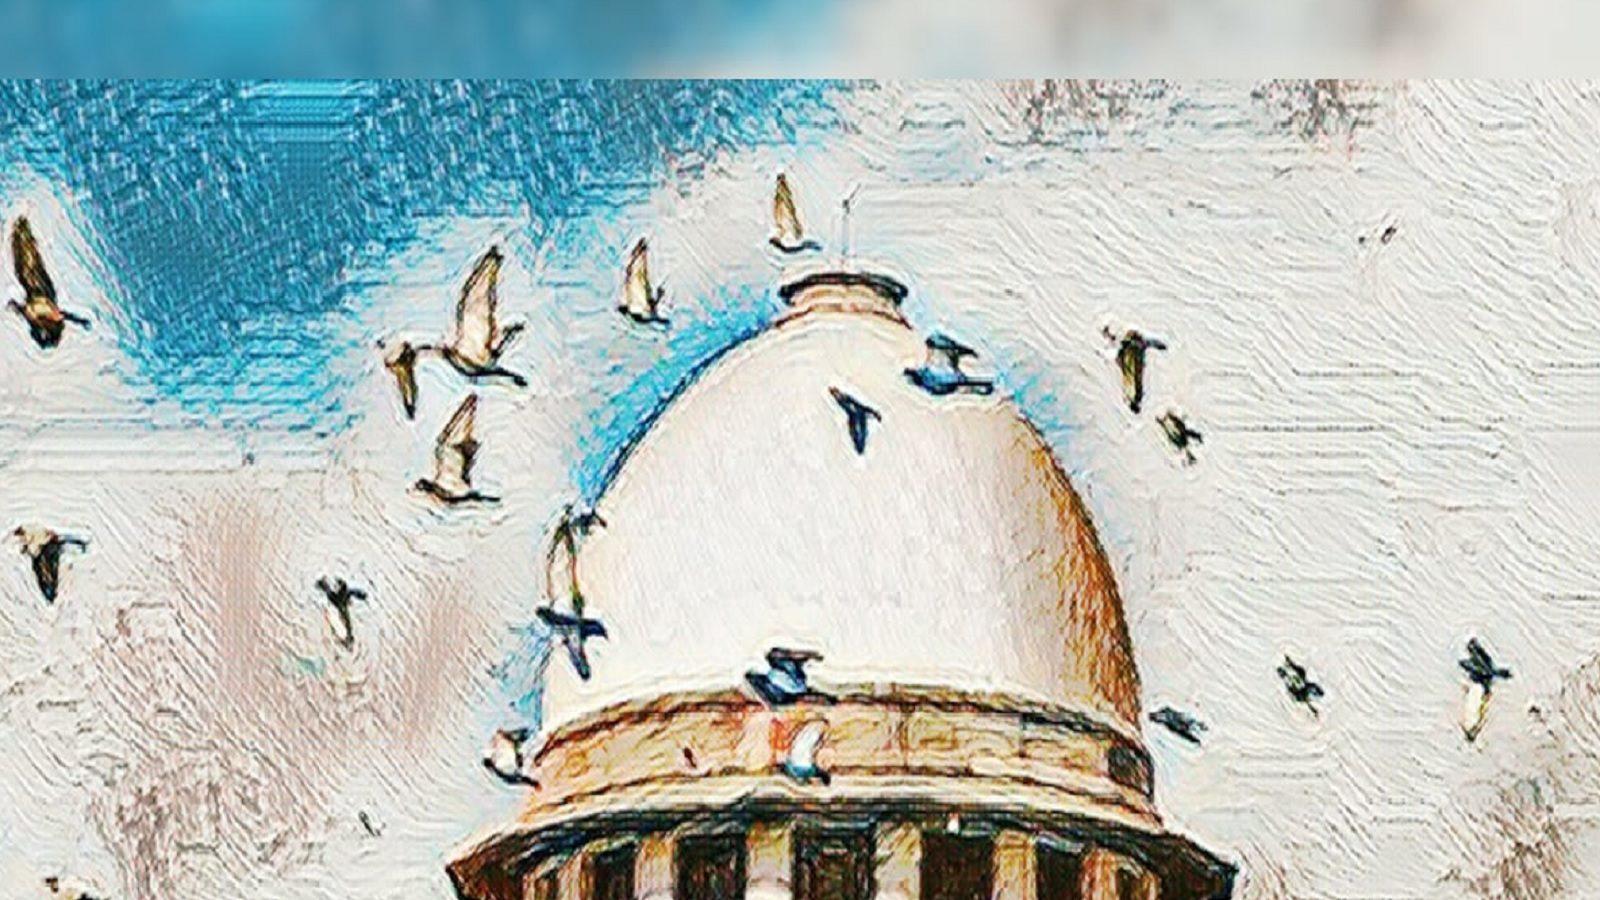 सुप्रीम कोर्ट के जज यू यू ललित बोले: गरीबों को मिले न्याय, वरिष्ठ अधिवक्ता दें मुफ्त कानूनी सलाह